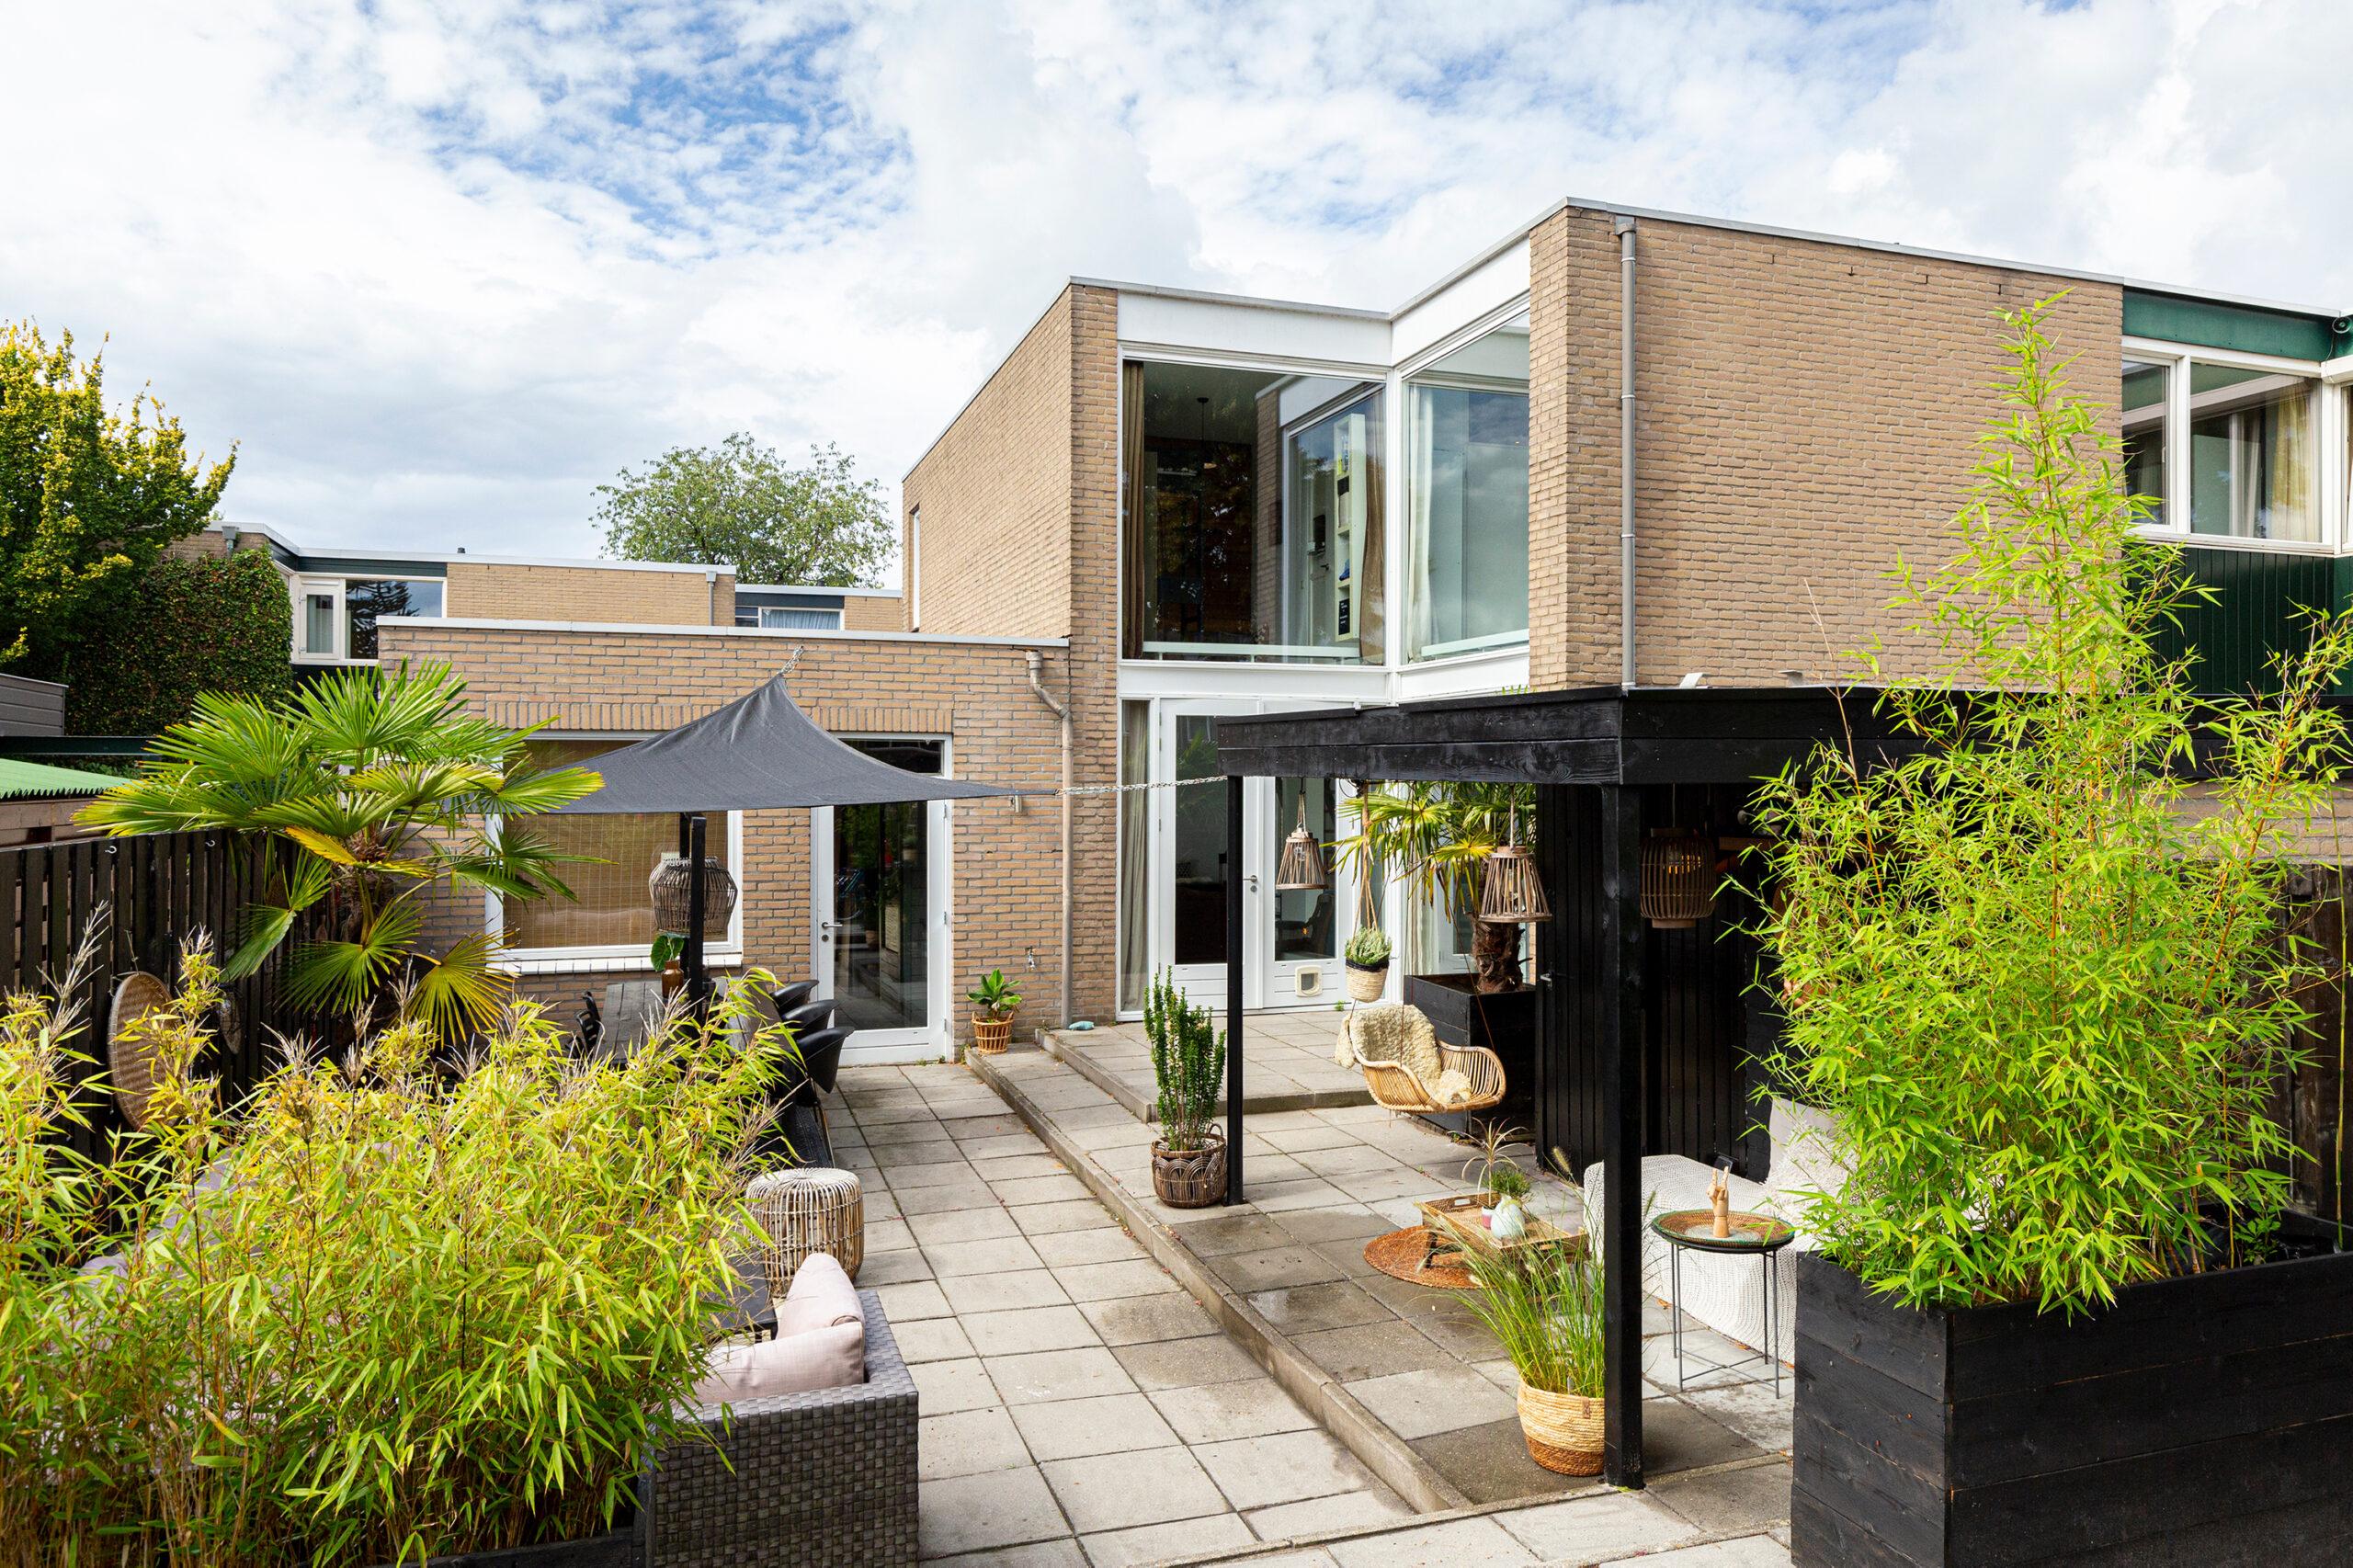 Rietdekkersdreef 203 Apeldoorn (34)